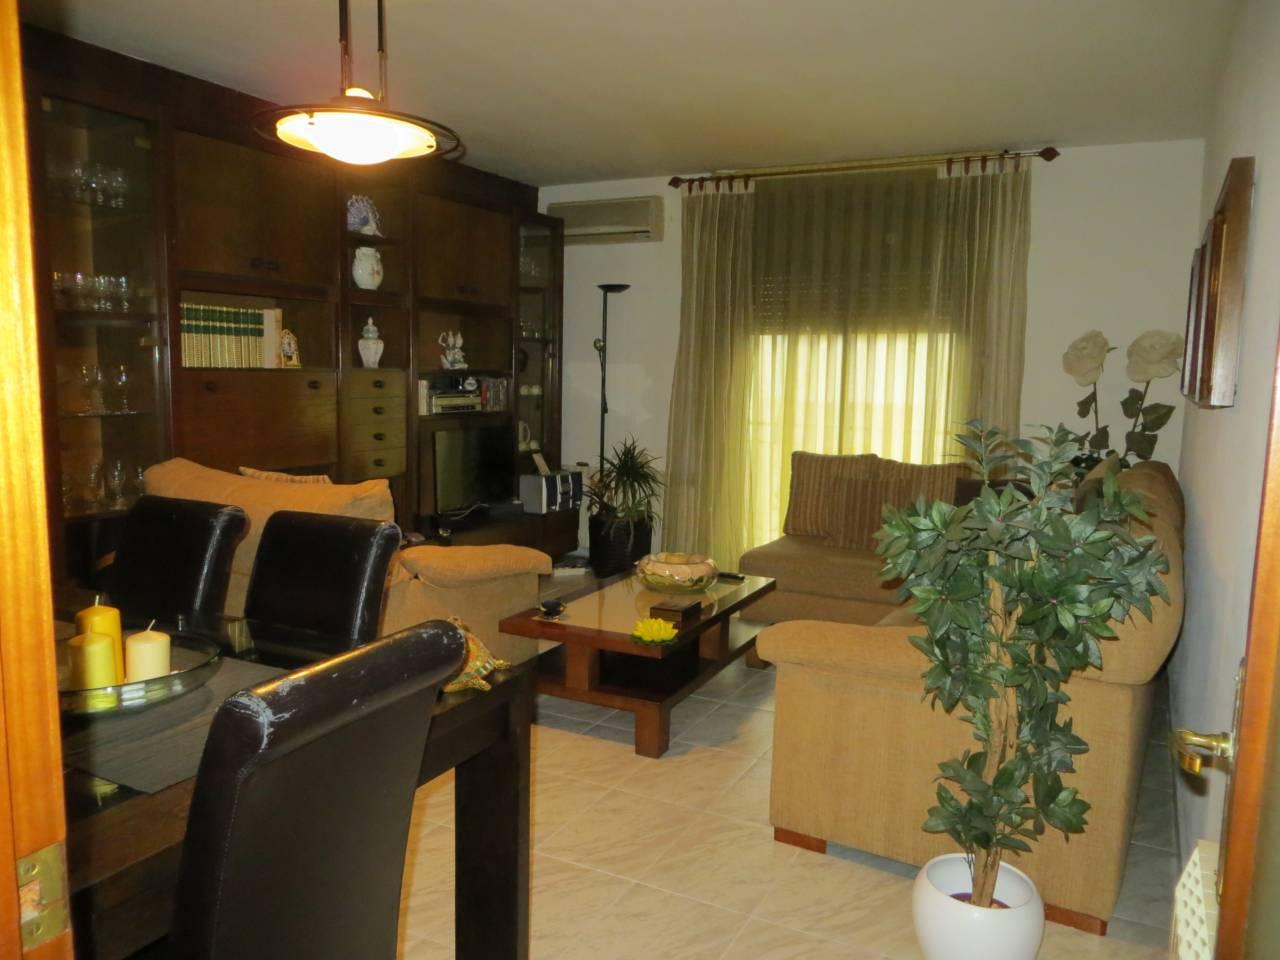 Piso  Avda.estatut. Sup. 90 m²,  3 habitaciones (2 dobles,  1 ind.),  1 baño, cocina